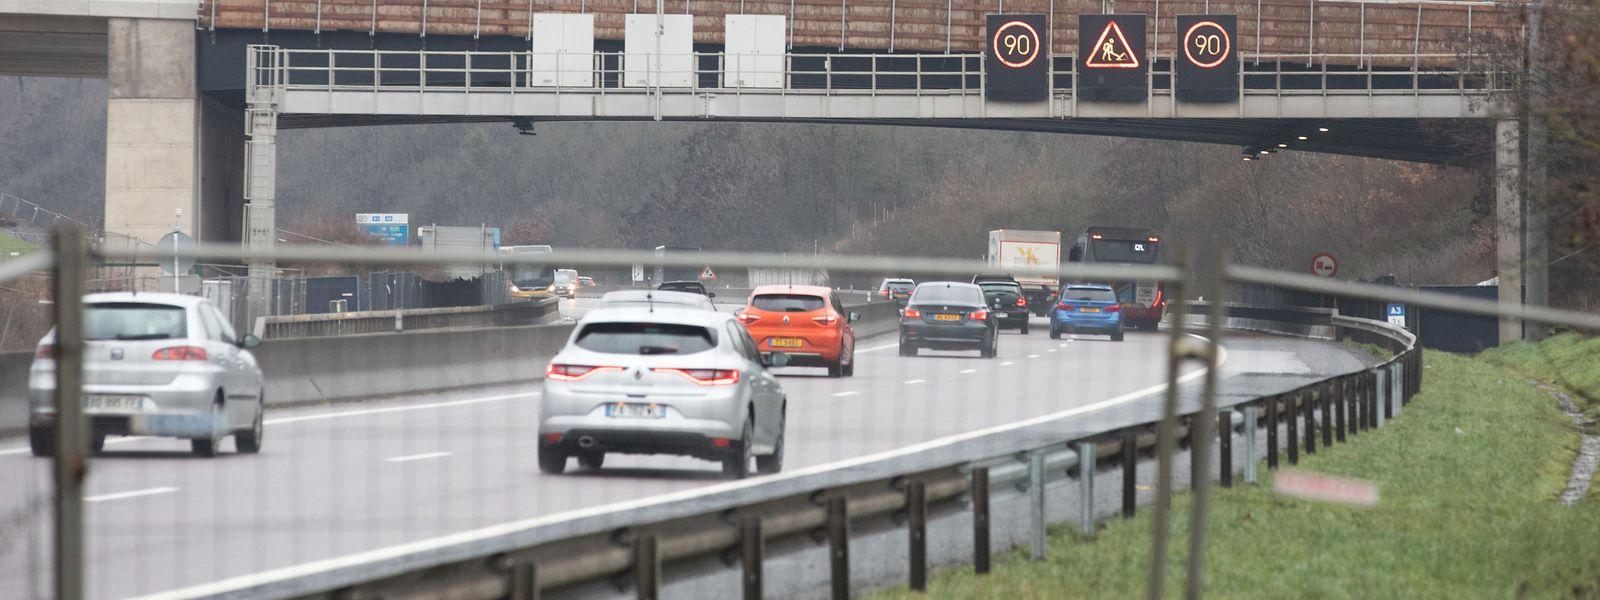 Autofahrer aus dem Süden, die in Richtung Hauptstadt fahren wollen, brauchen Geduld.